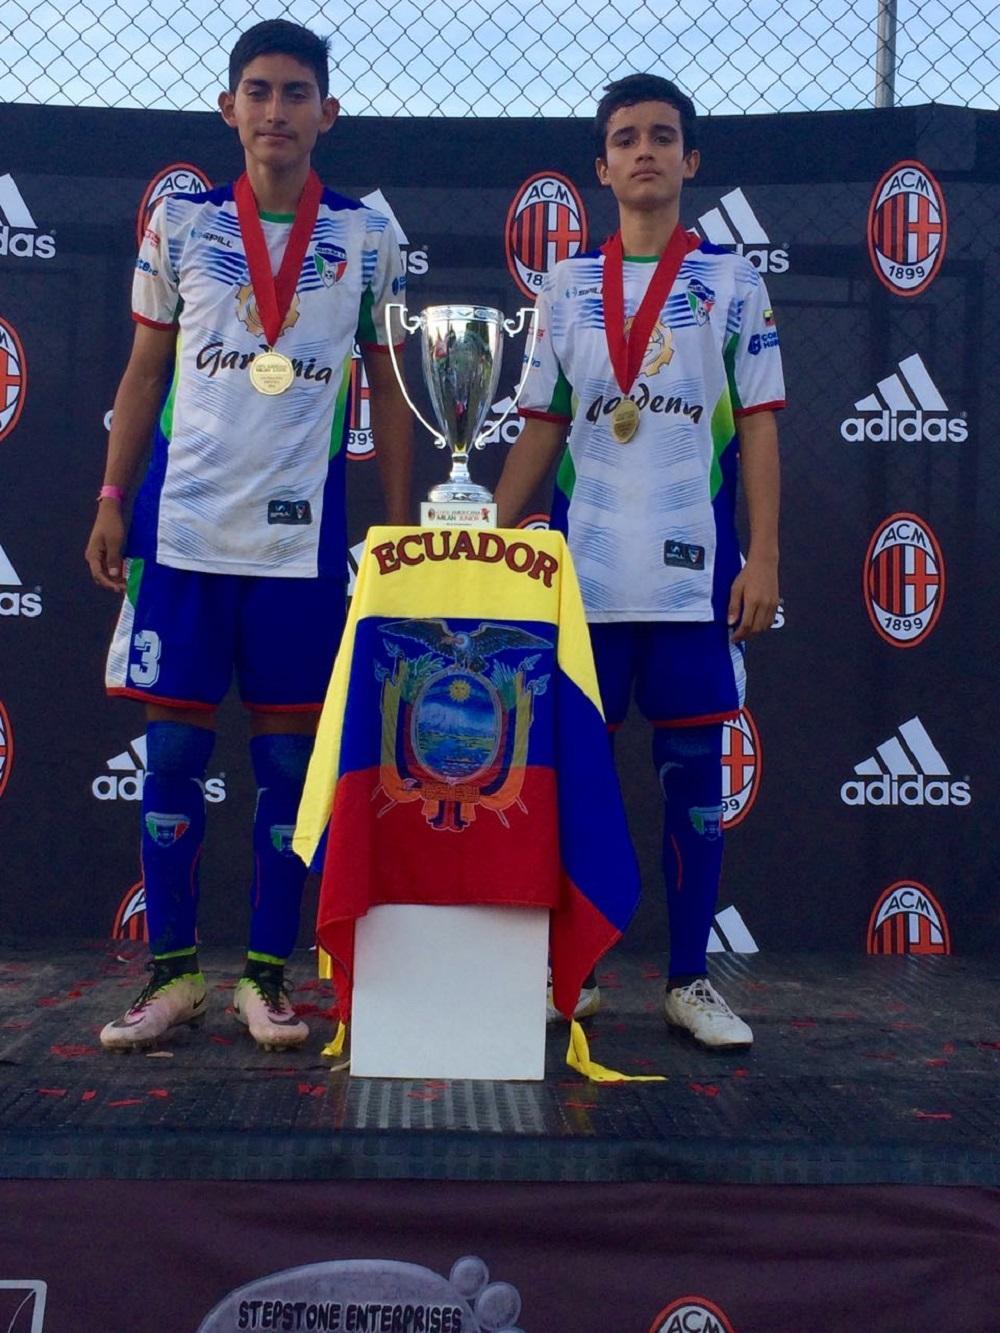 Campeones en Colombia